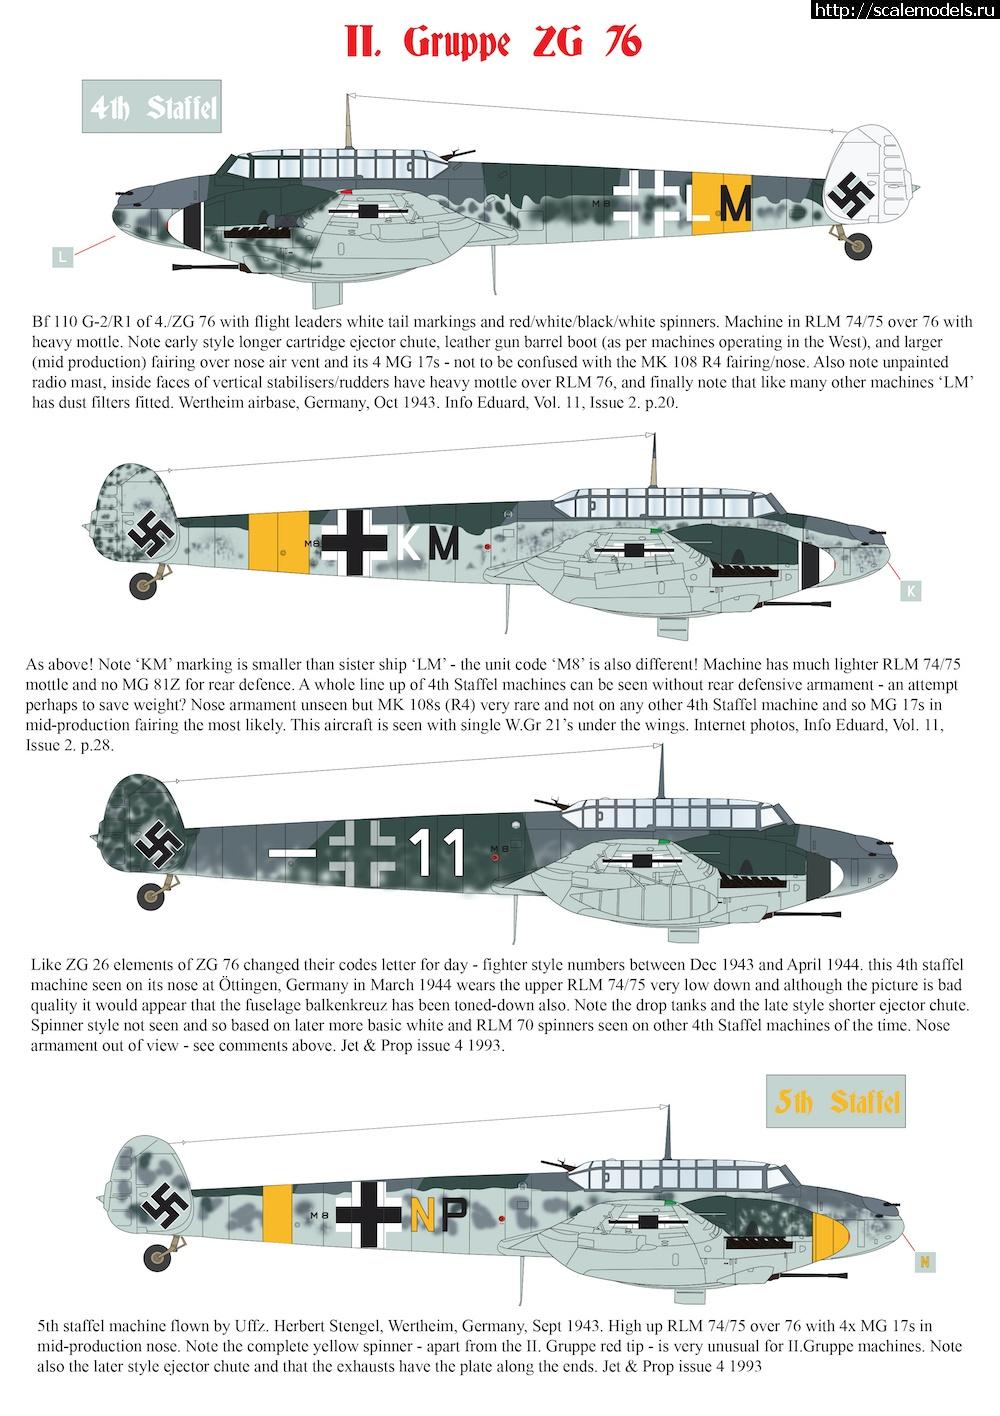 Анонс декалей AIMS Models 1/72,1/48 Bf 110 G-2/R1 Закрыть окно